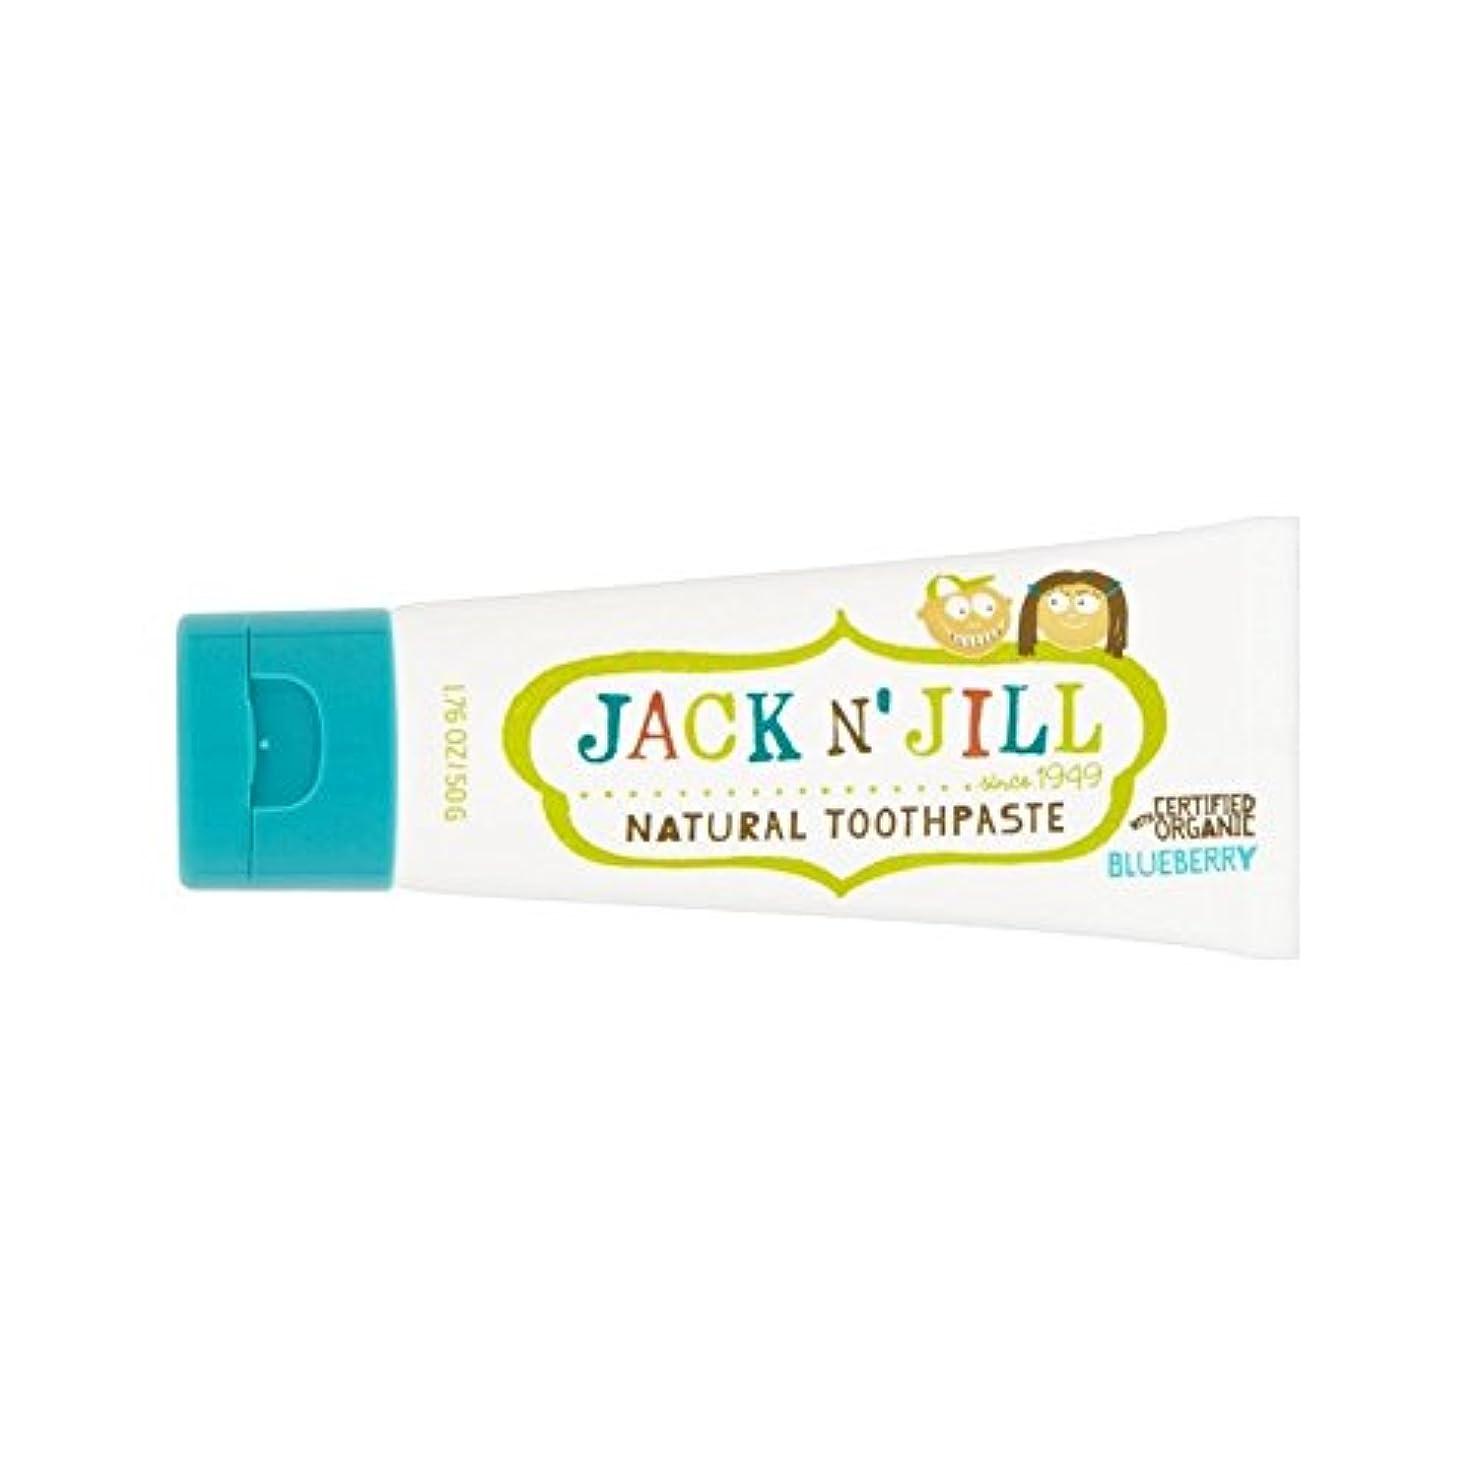 ライブ暴動繊維有機香味50グラムとの自然なブルーベリー歯磨き粉 (Jack N Jill) (x 2) - Jack N' Jill Blueberry Toothpaste Natural with Organic Flavouring...